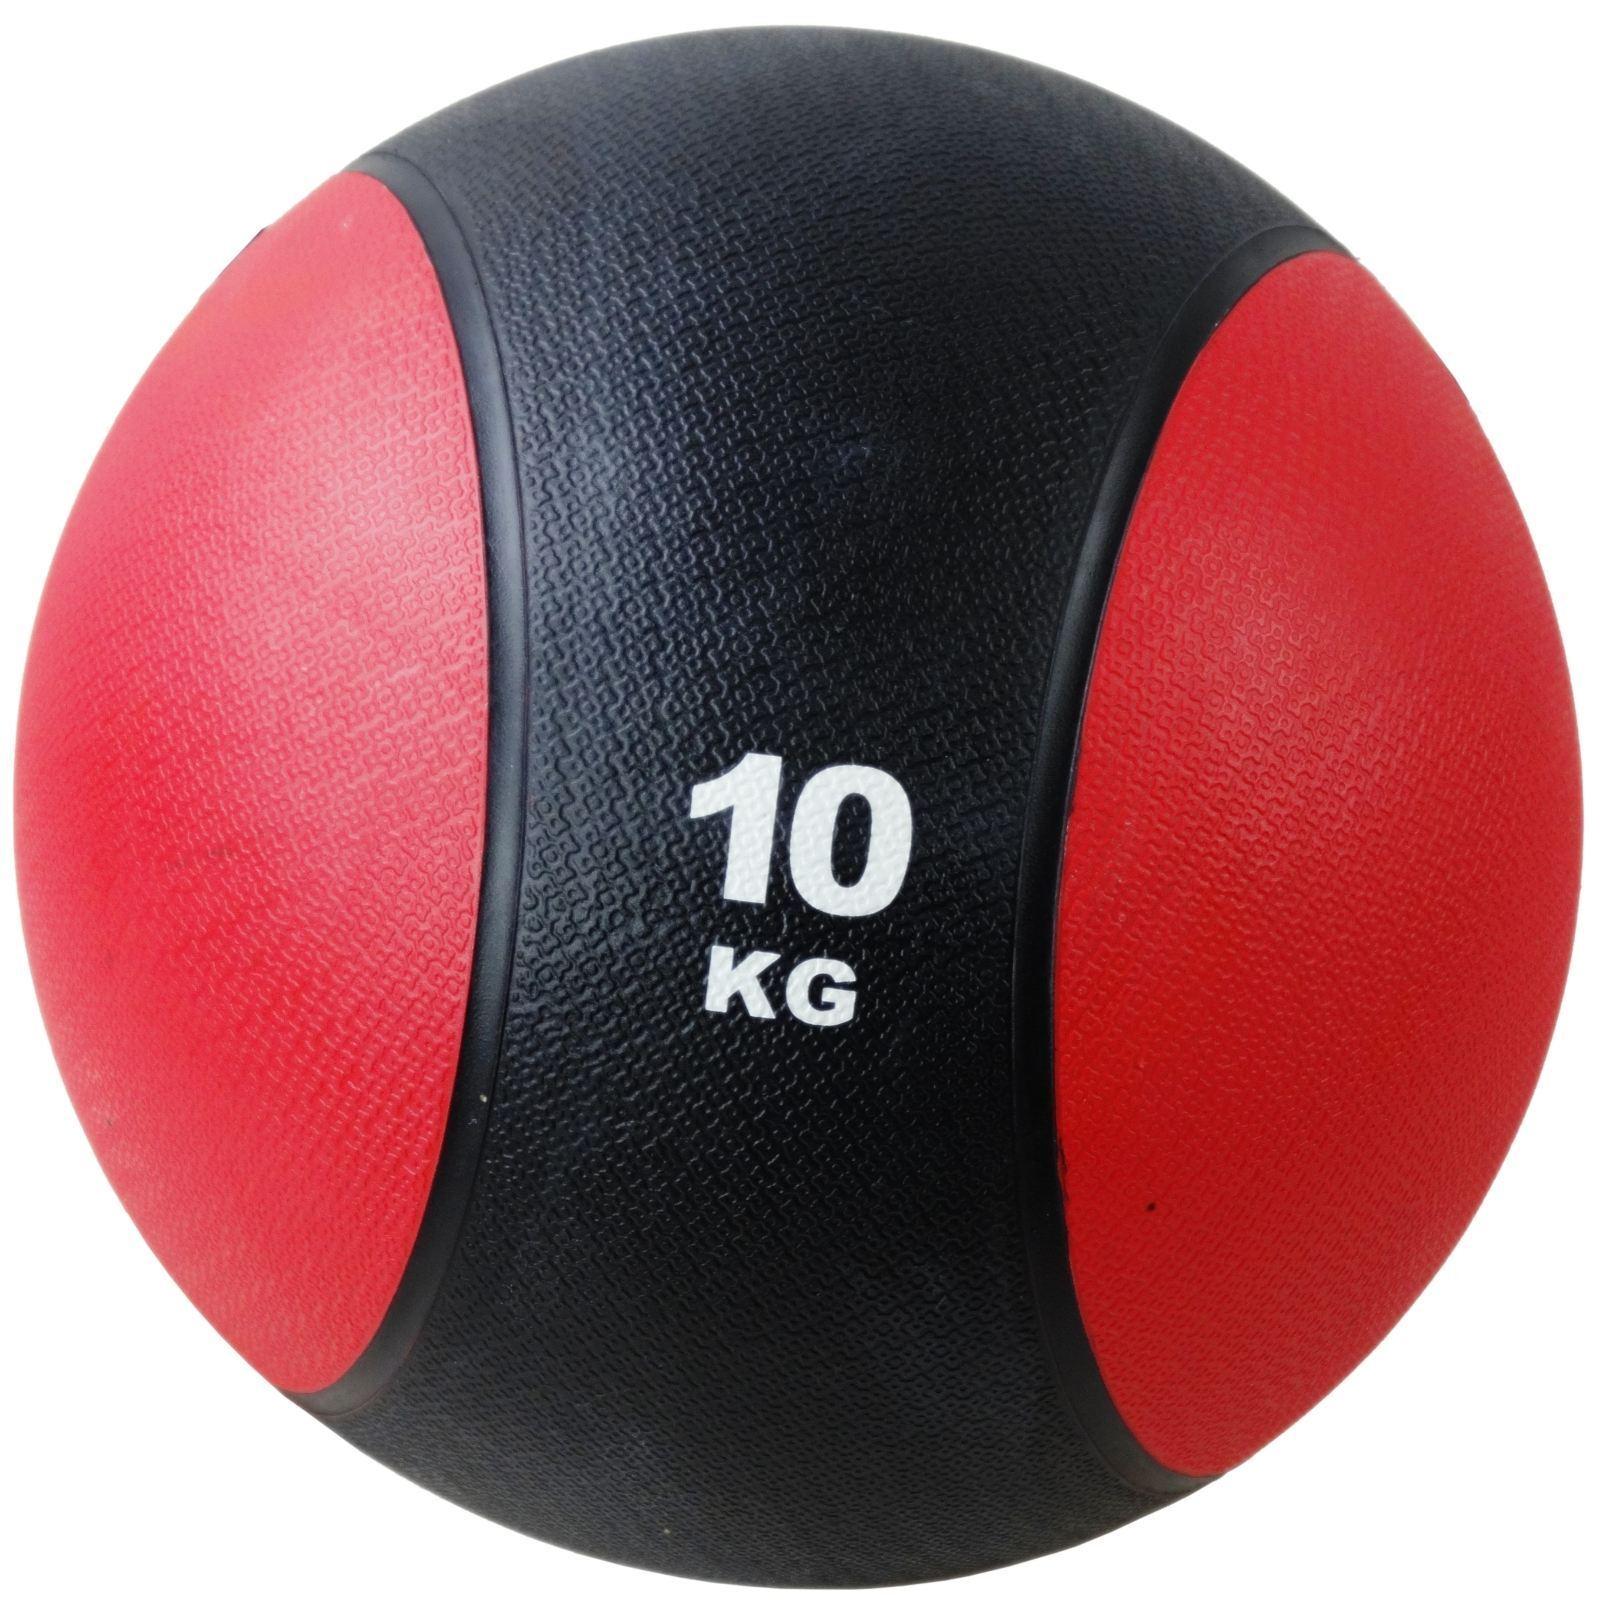 Bodyrip Caoutchouc Médecine-ball Exercice 10Kg Poids Exercice Médecine-ball Fitness Mma Boxe Gym 9c49d2